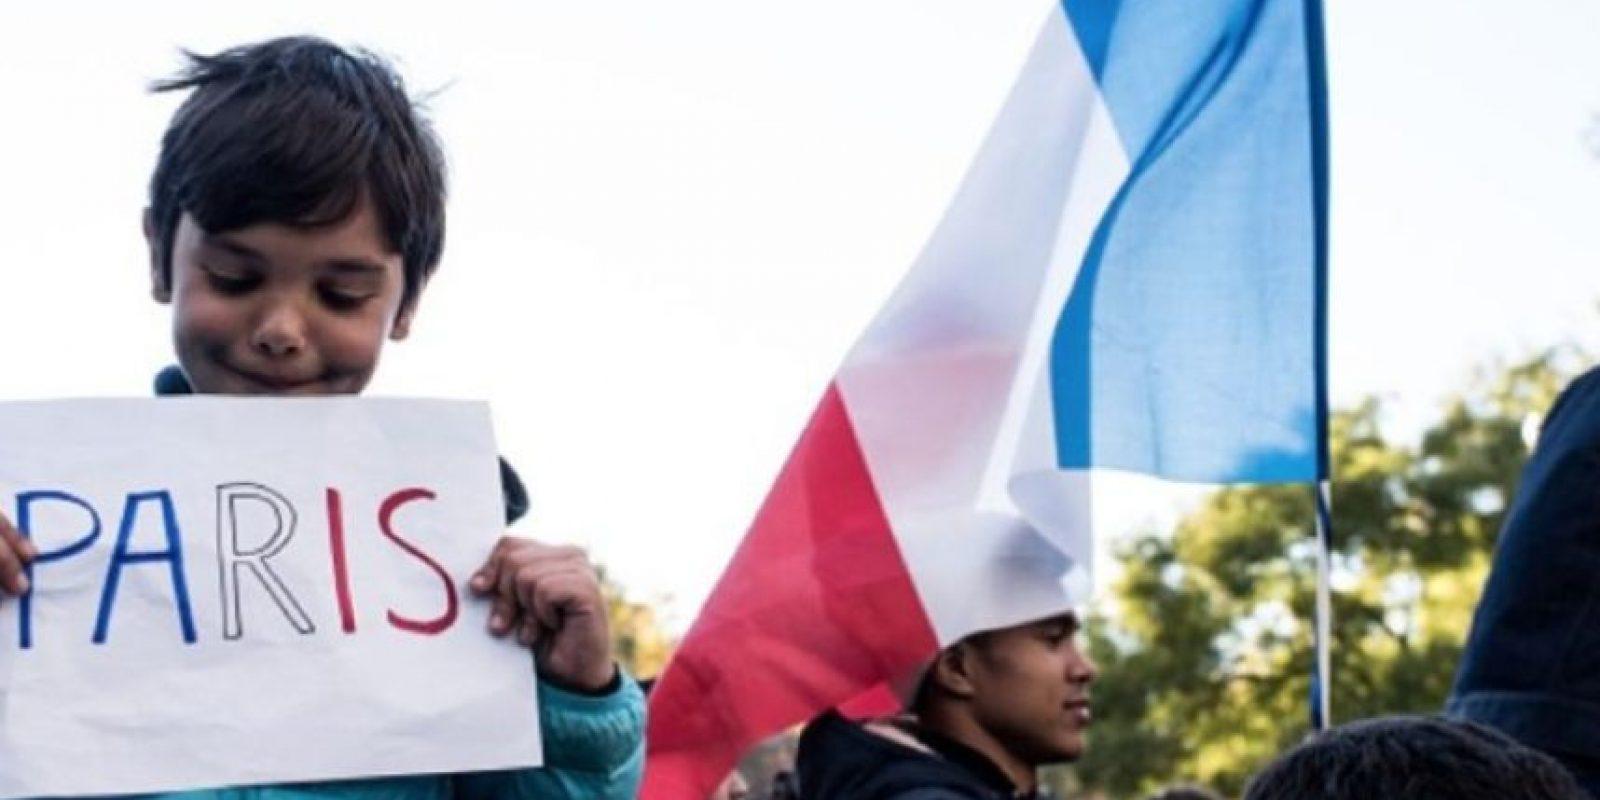 En la noche del 13 de noviembre, París fue estremecida por una serie de atentados terroristas coordinados que conmocionaron tanto al país como al mundo entero, causando en Francia el número más alto de víctimas de la violencia desde la II Guerra Mundial. Foto:Getty Images